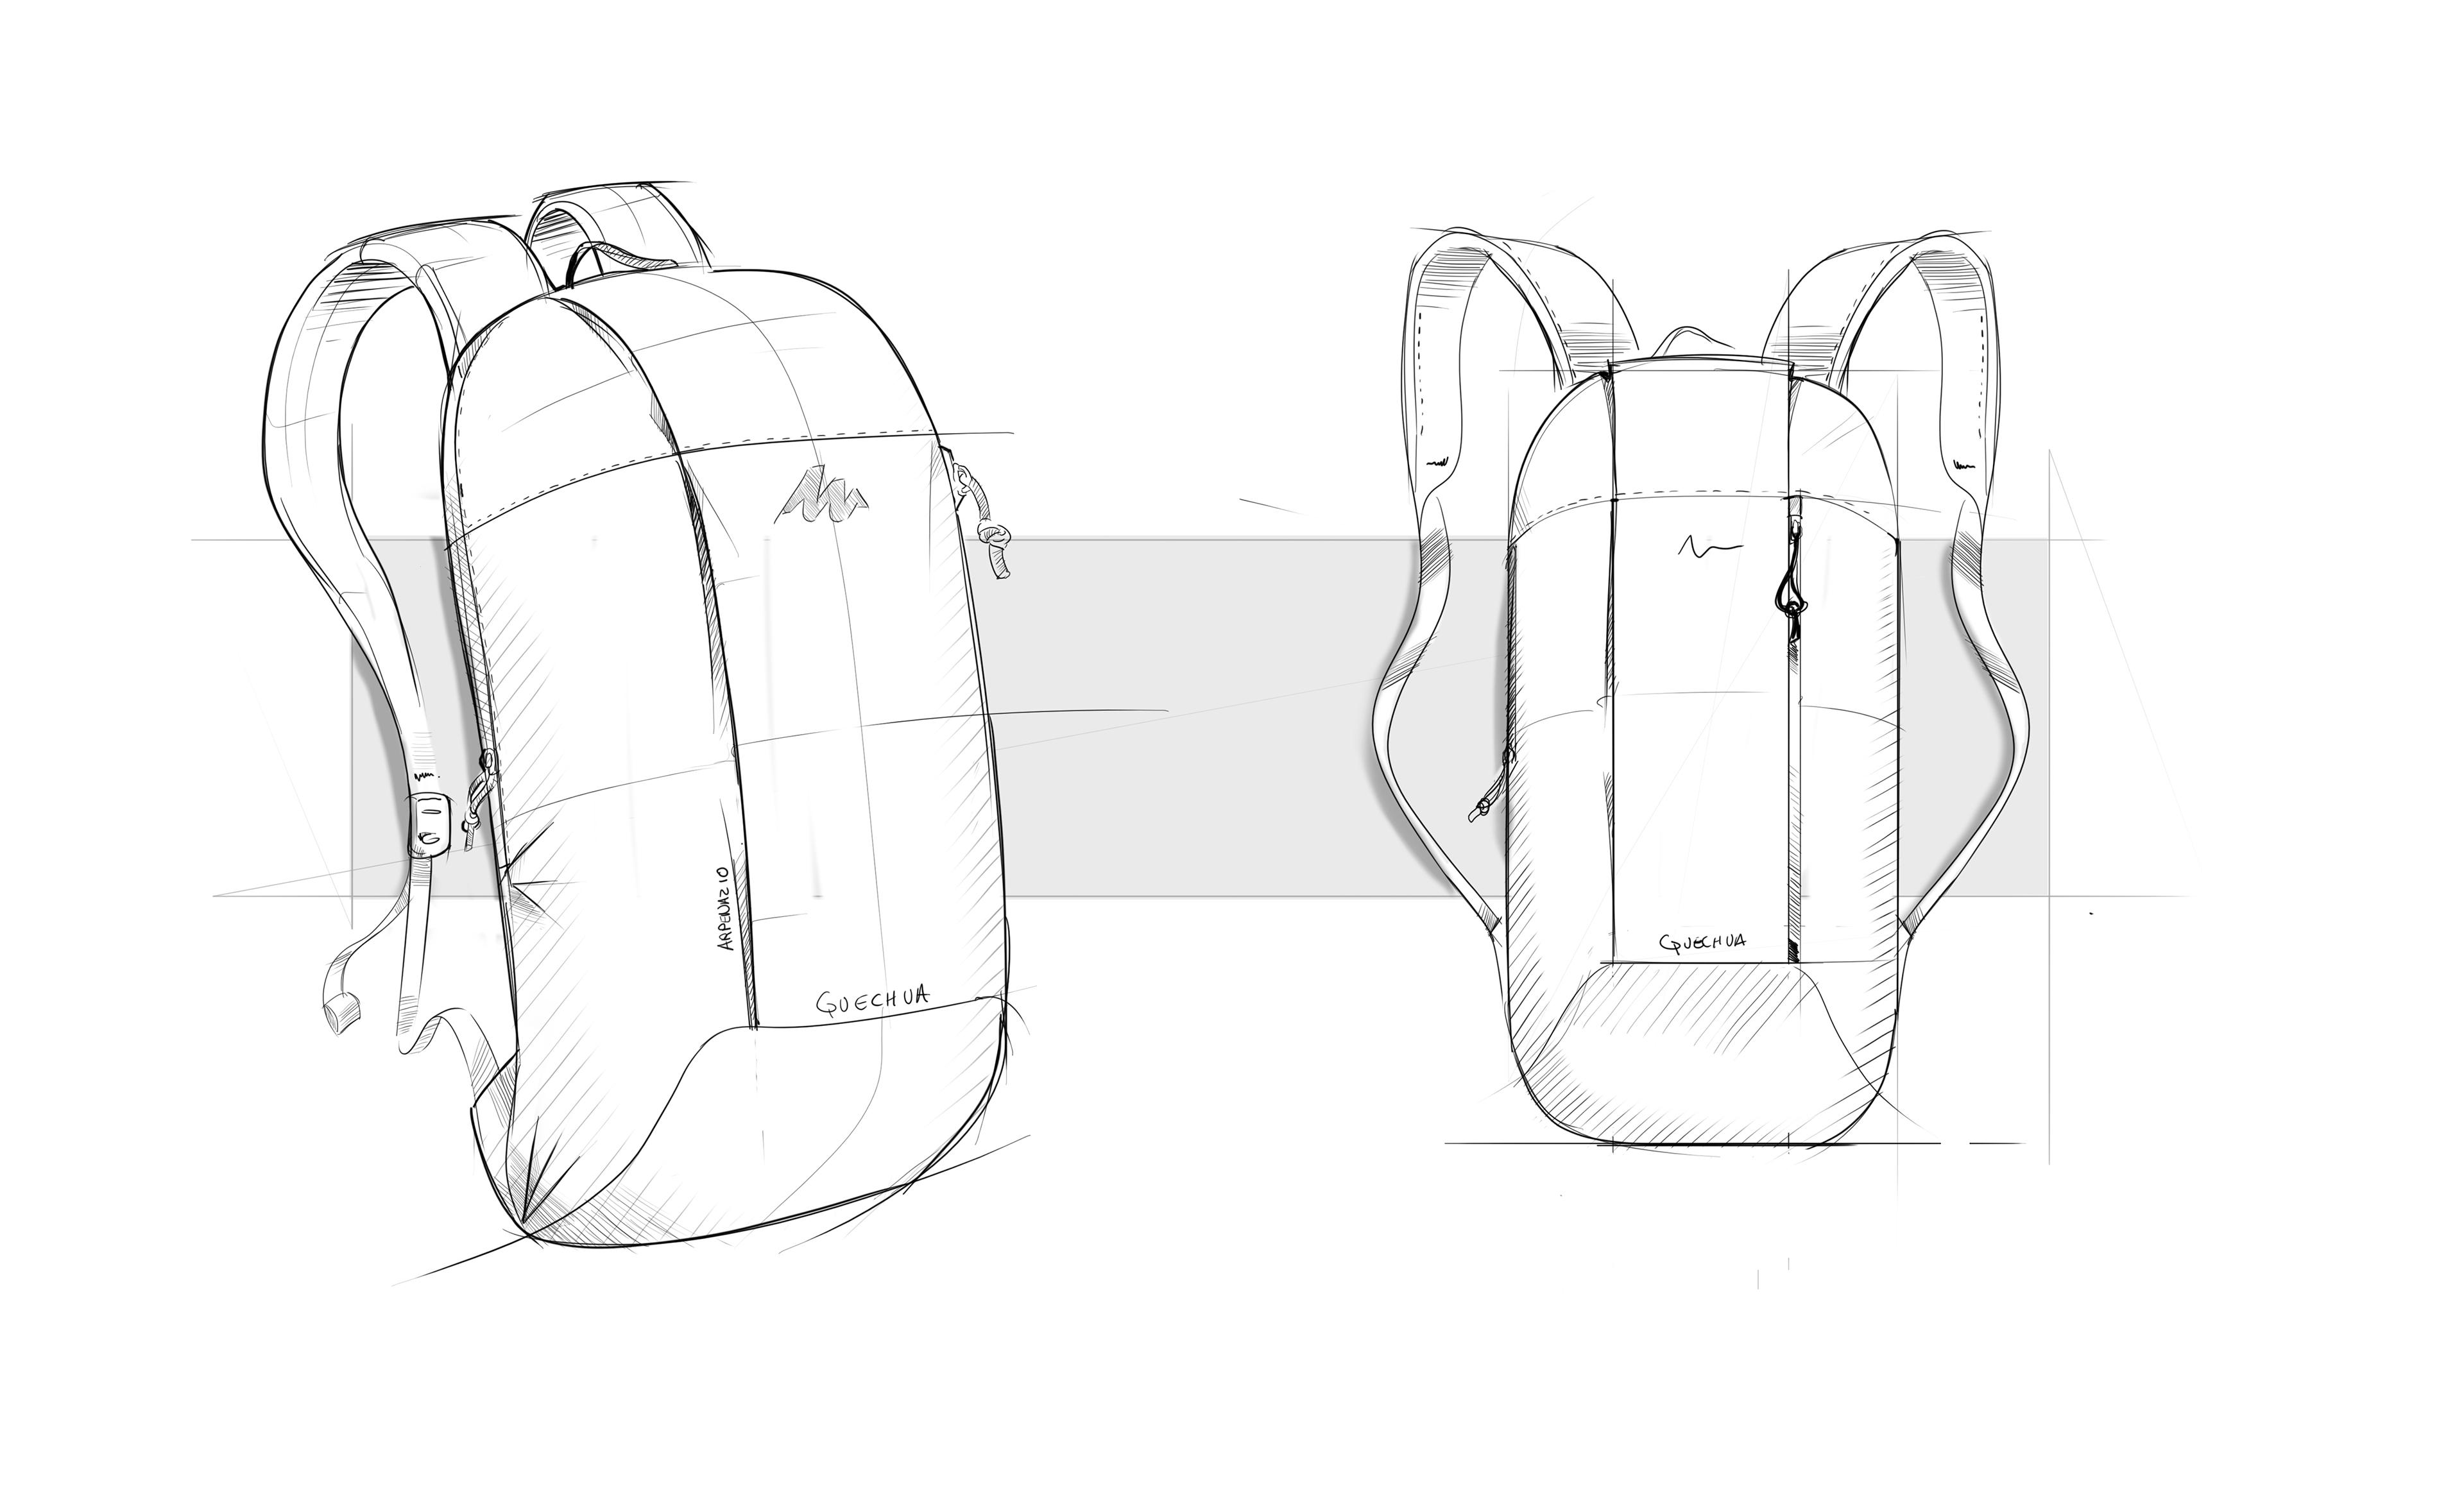 указатели подсказывают, чертежи рюкзака фото оригинальные рюкзаки возрасте мальков